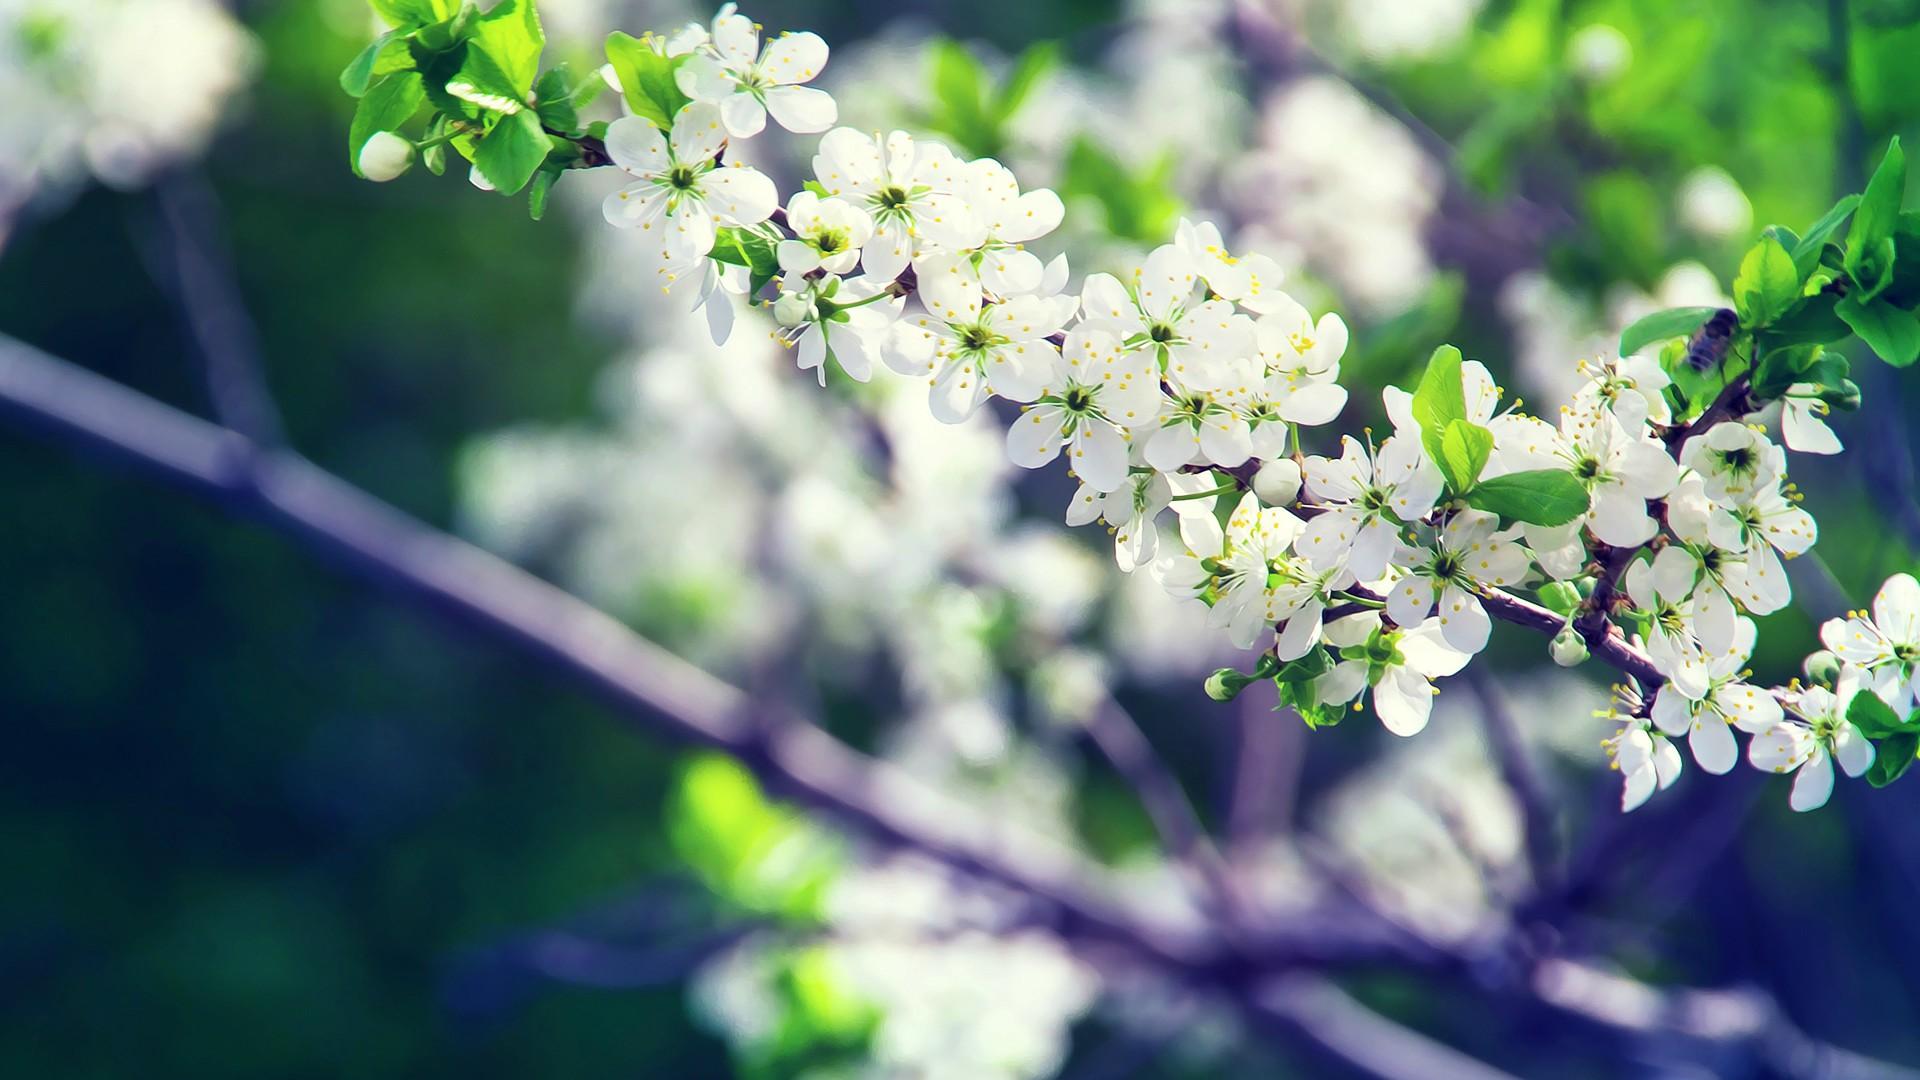 > 小清新花卉养眼桌面壁纸图标